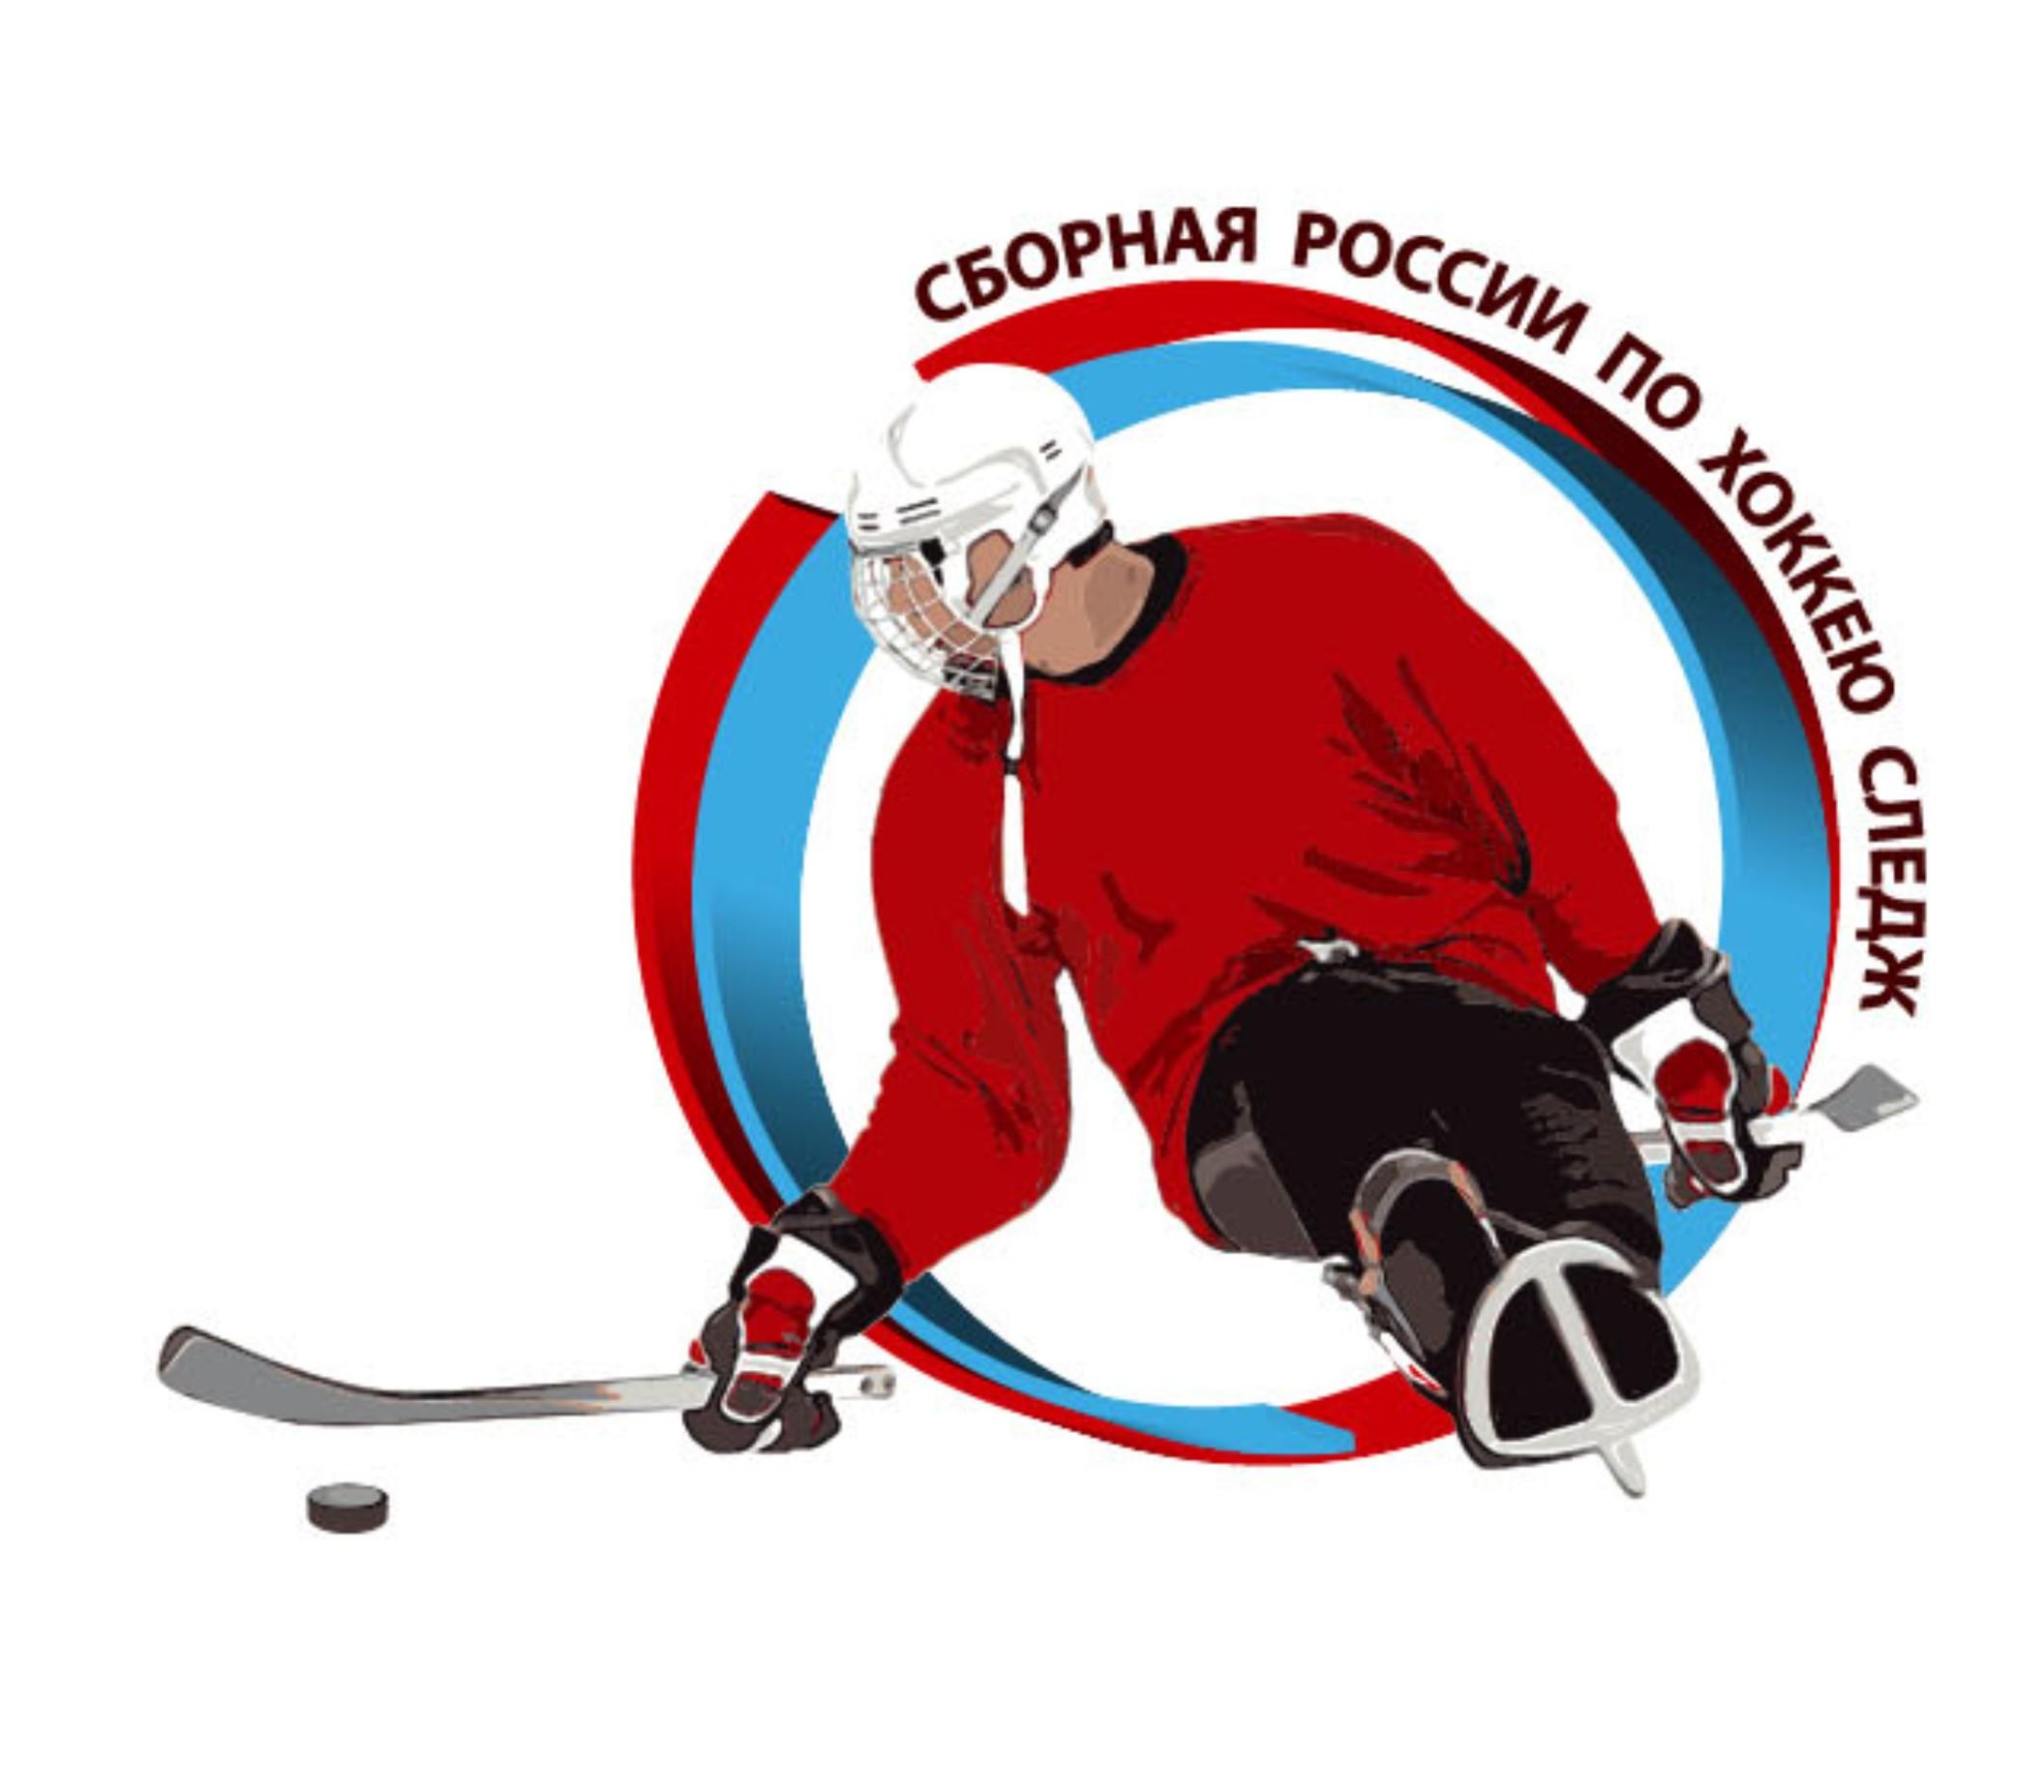 Чемпионат России по хоккею-следж откроется 18 октября в Тульской области